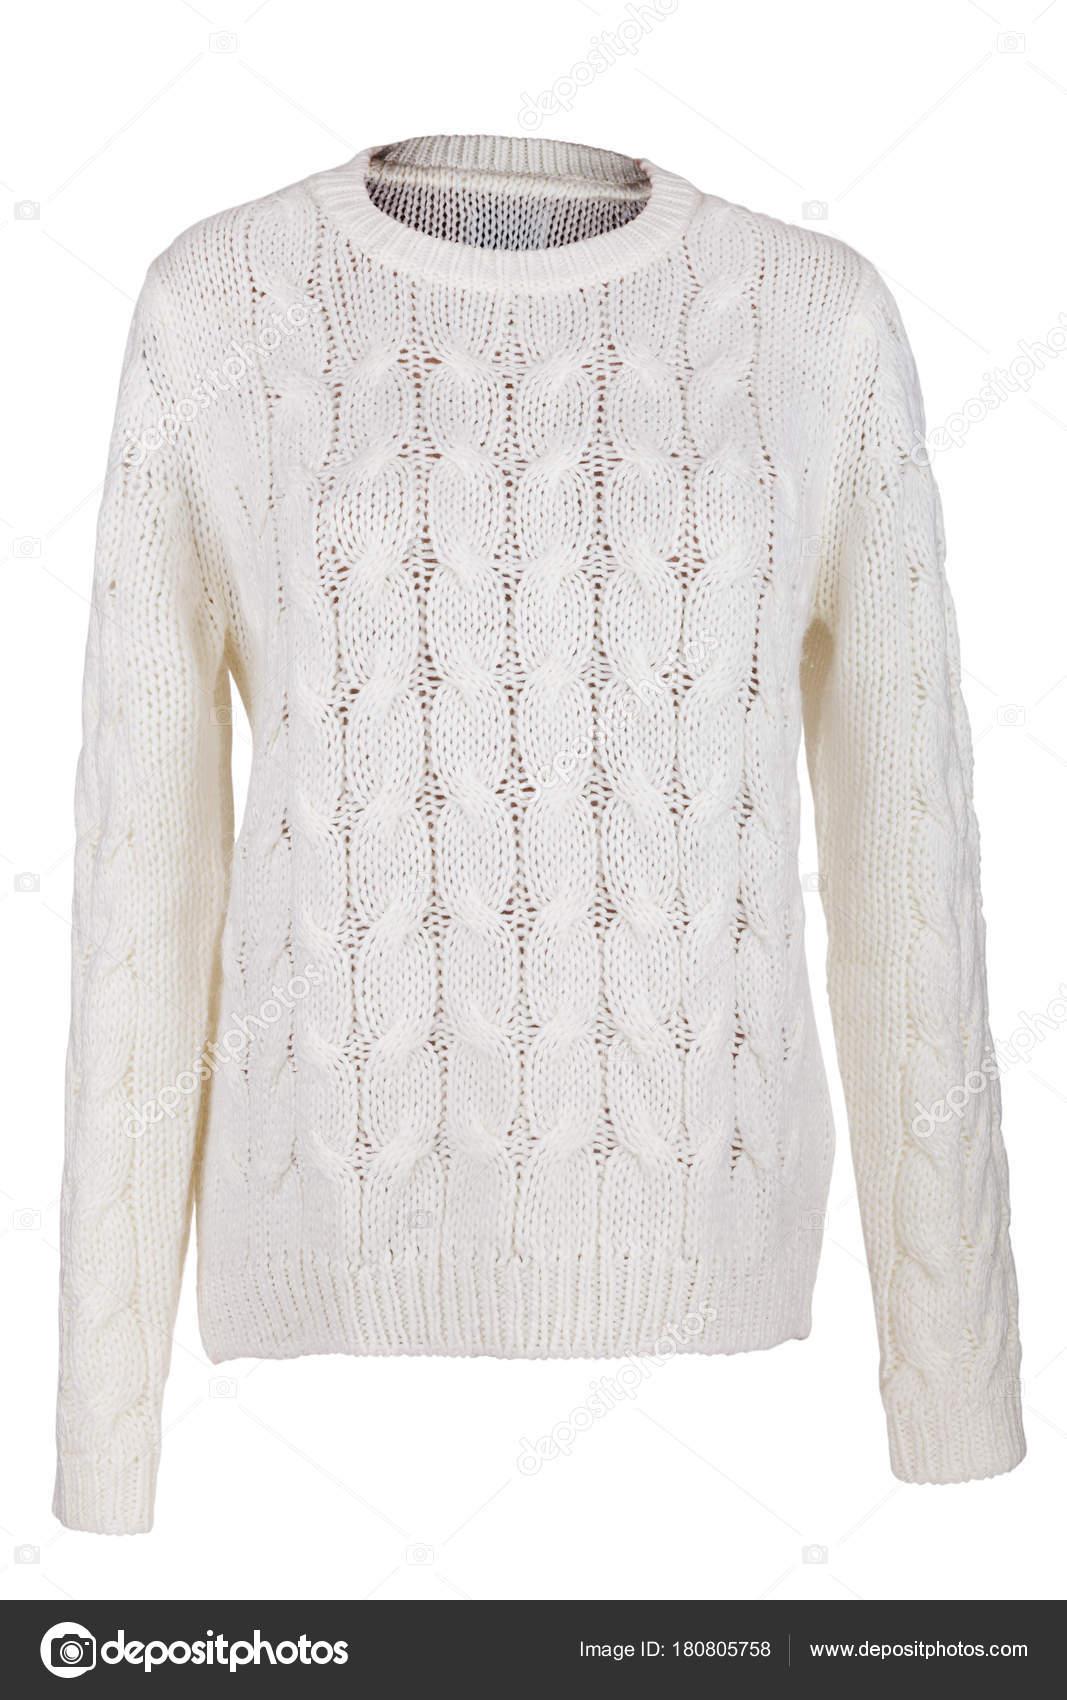 e89f624e7194 Λευκό πλεκτό πουλόβερ που απομονώνονται σε λευκό φόντο — Εικόνα από ...